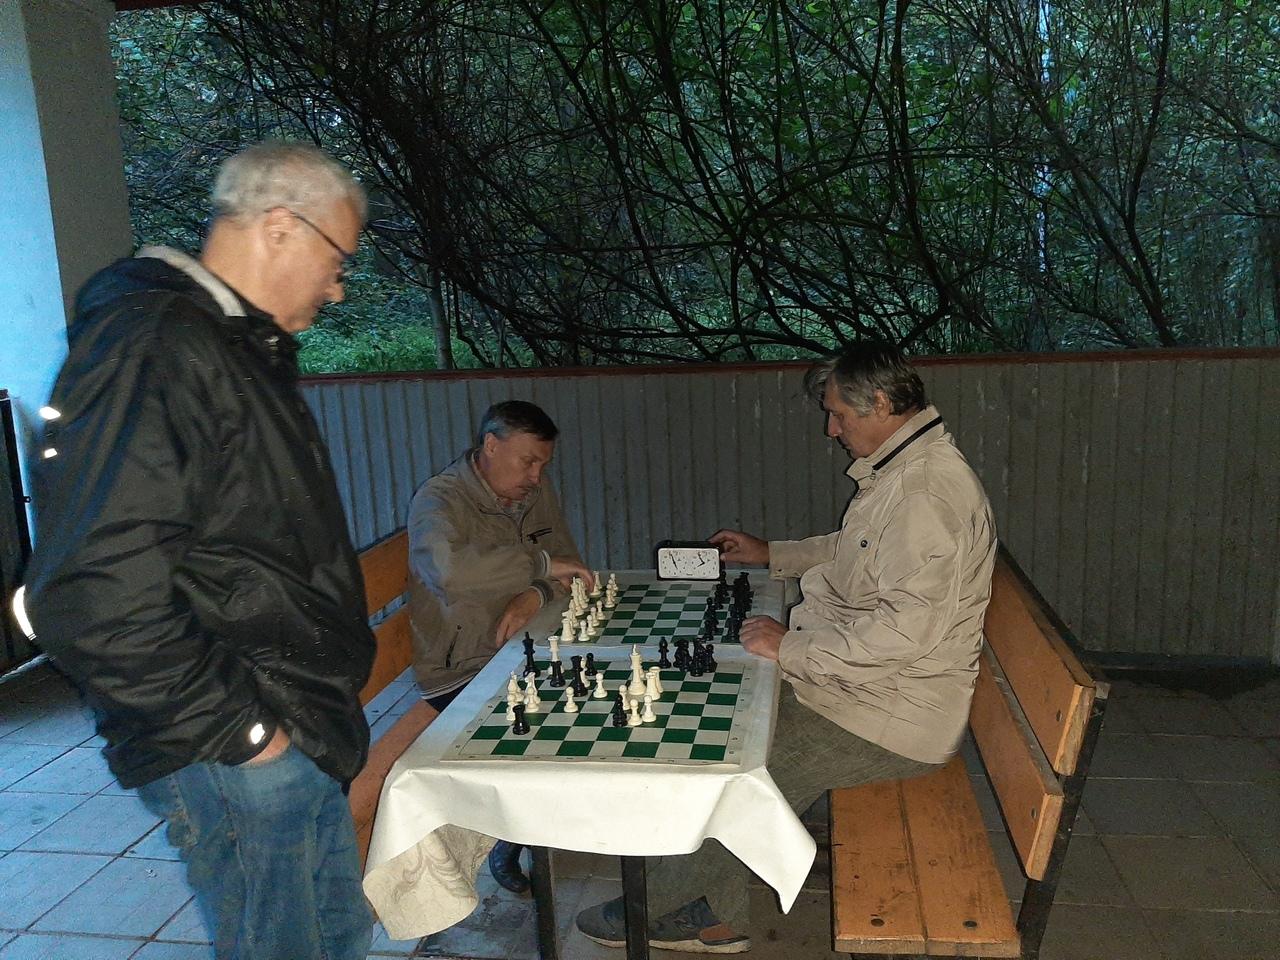 Шахматный турнир - Московское долголетие - клуб Сфера